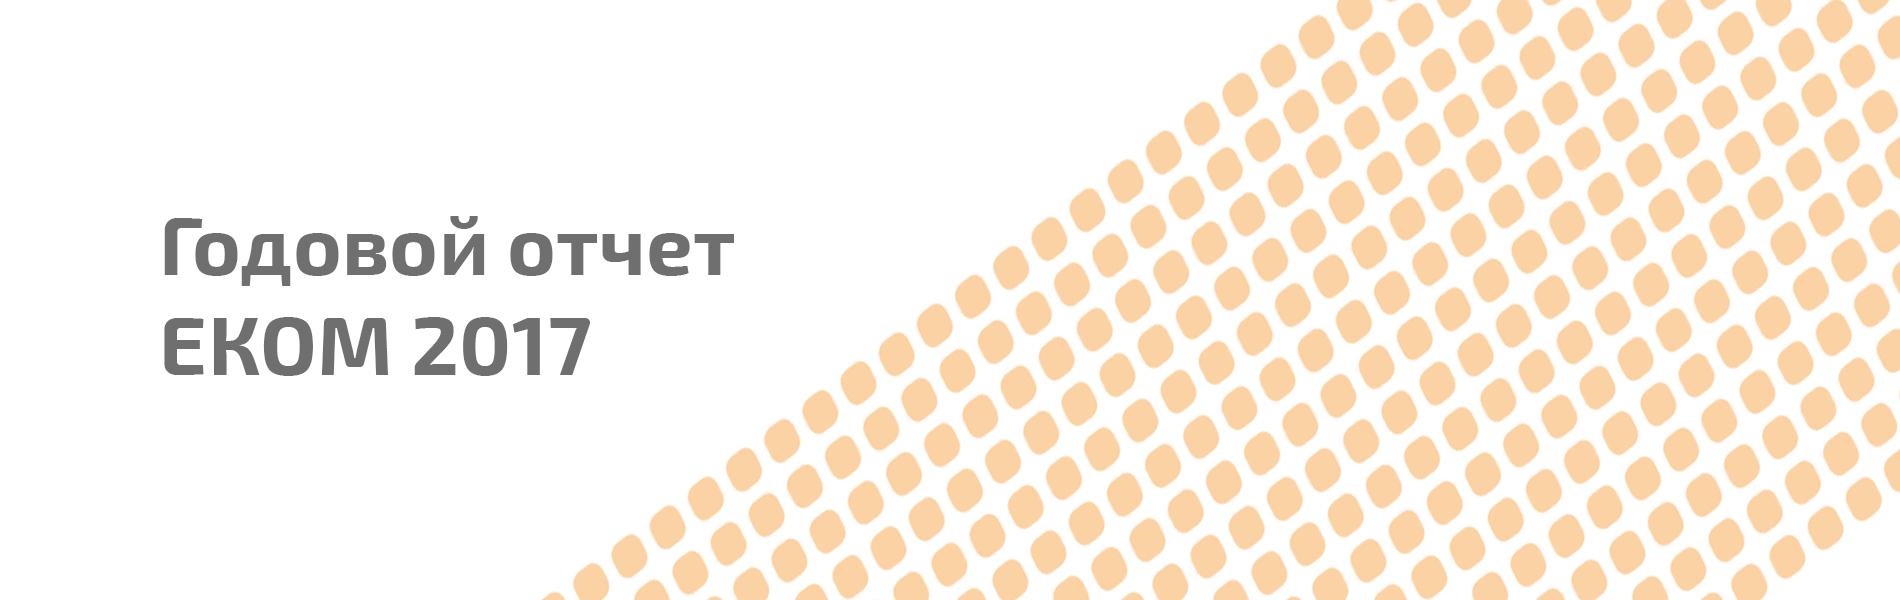 Годовой отчет ЕКОМ 2017